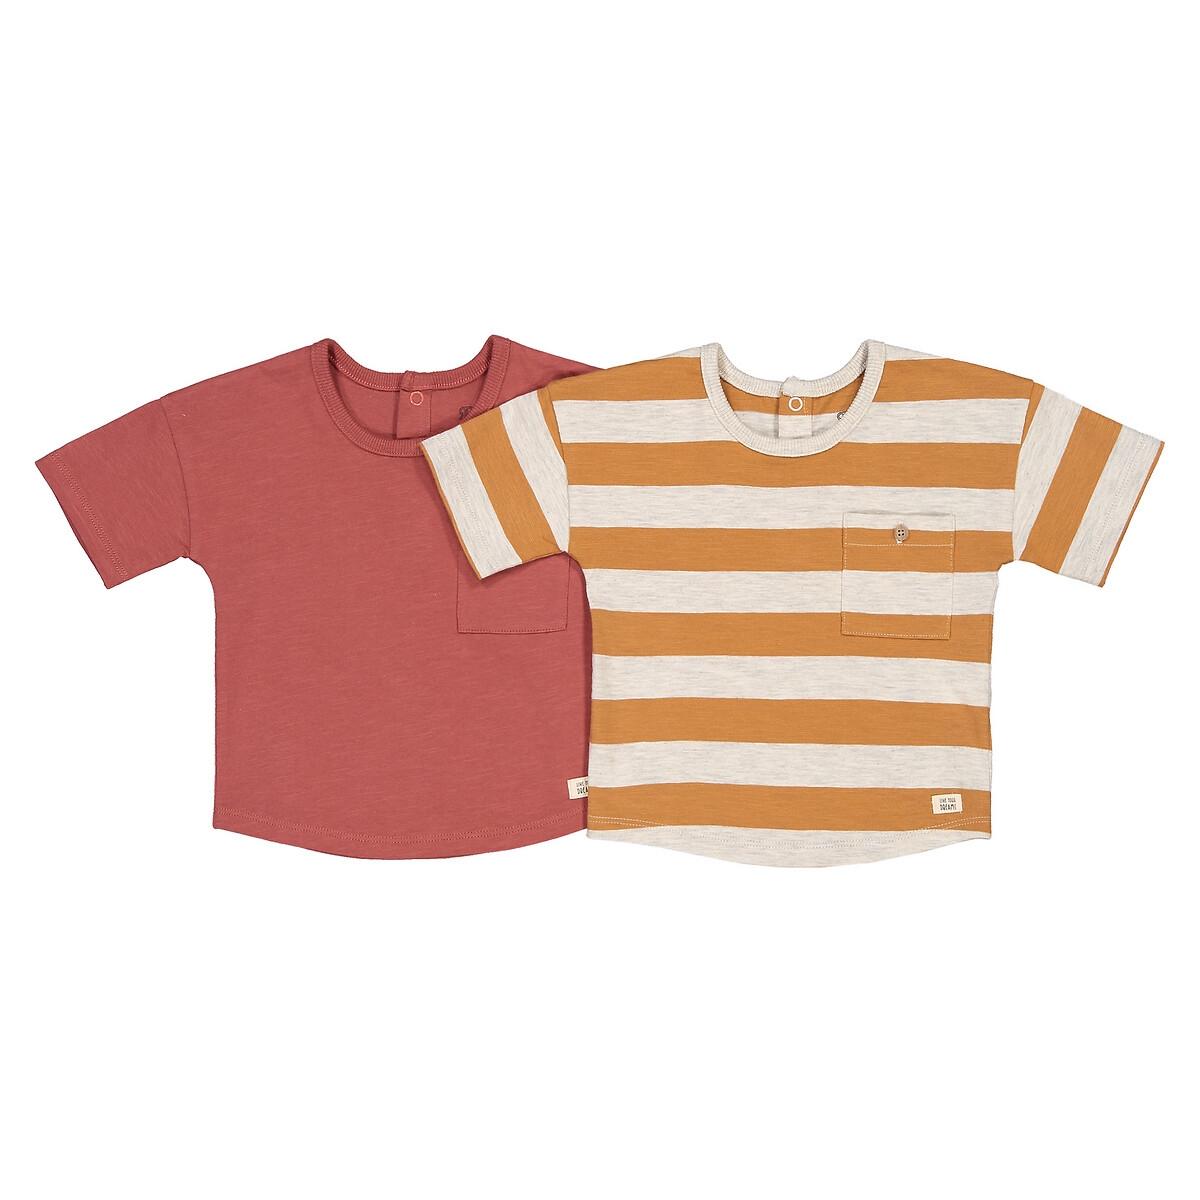 комплект из 3 футболок с laredoute длинными рукавами из биохлопка 3 мес 4 года 6 мес 67 см разноцветный Комплект из 2 футболок из LaRedoute Биохлопка 1 мес - 4 года 3 года - 94 см красный